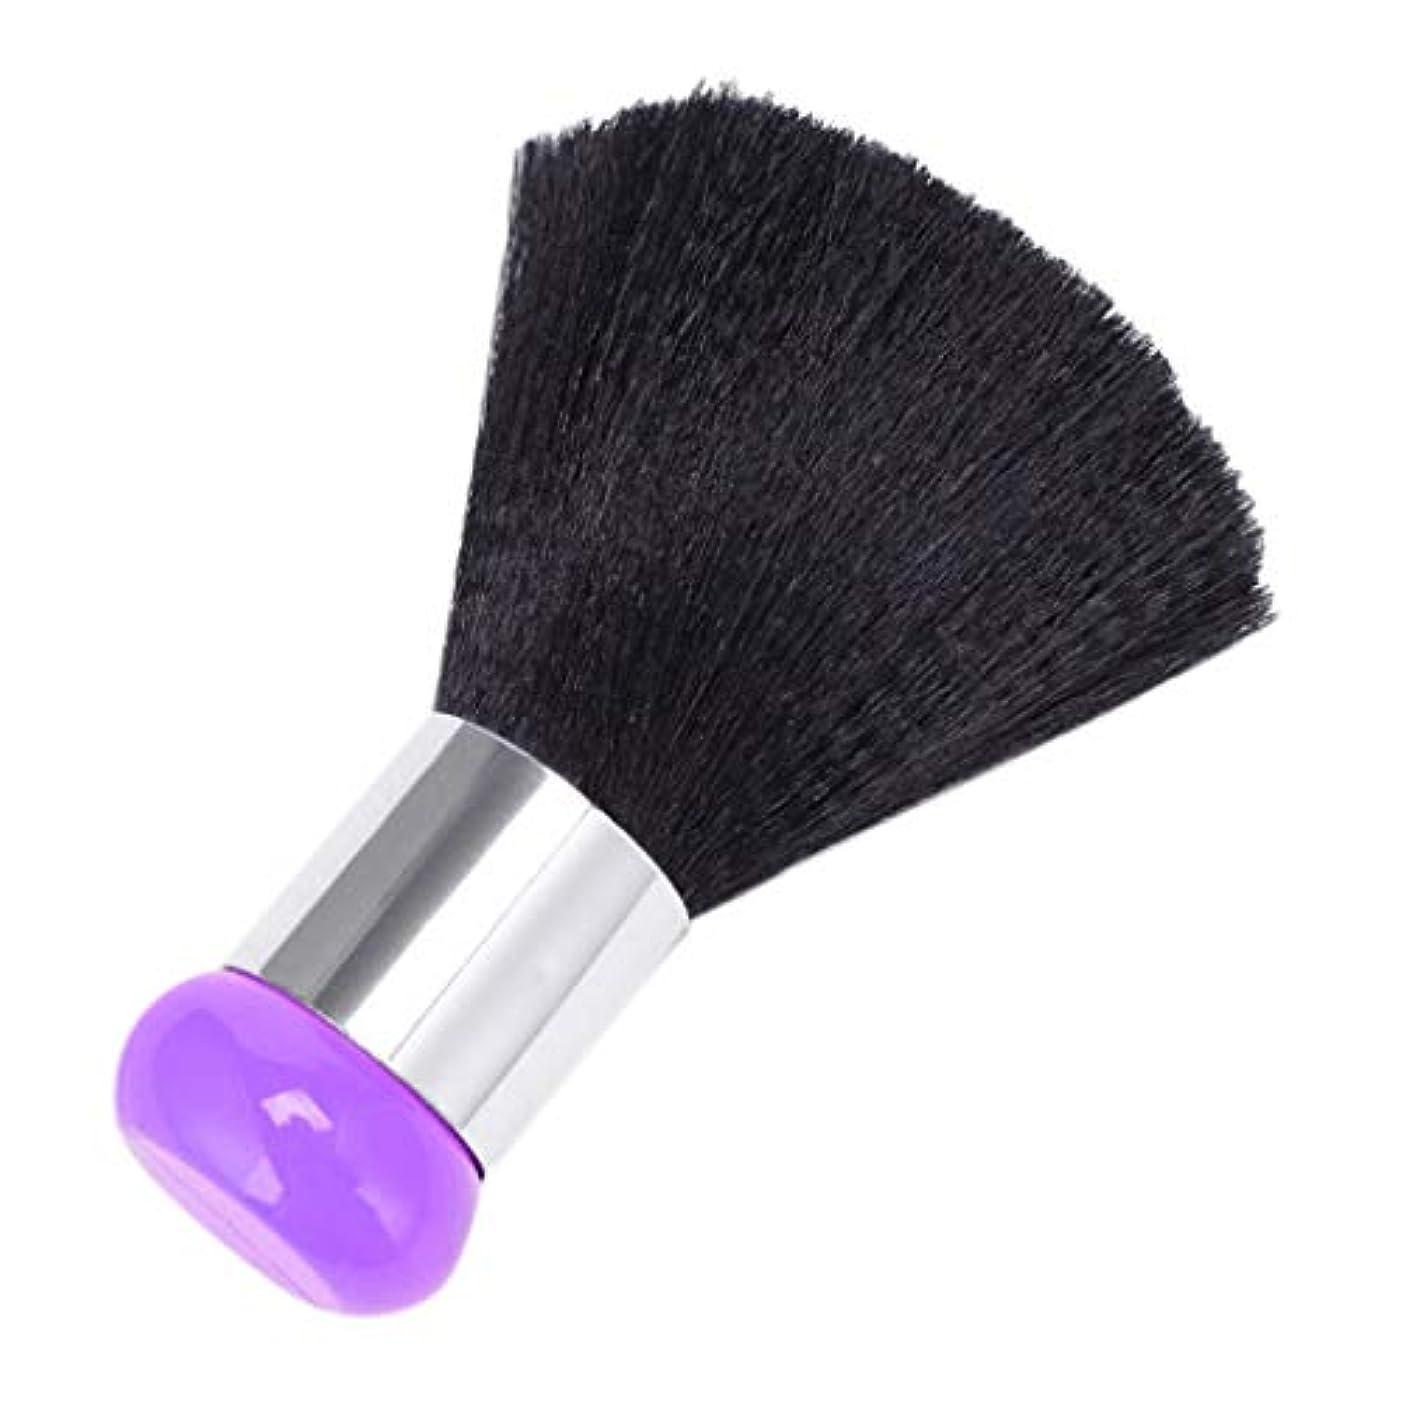 安全な降伏征服者B Baosity ヘアカット ネックダスタークリーナー ヘアブラシ サロンツール 2色選べ - 紫